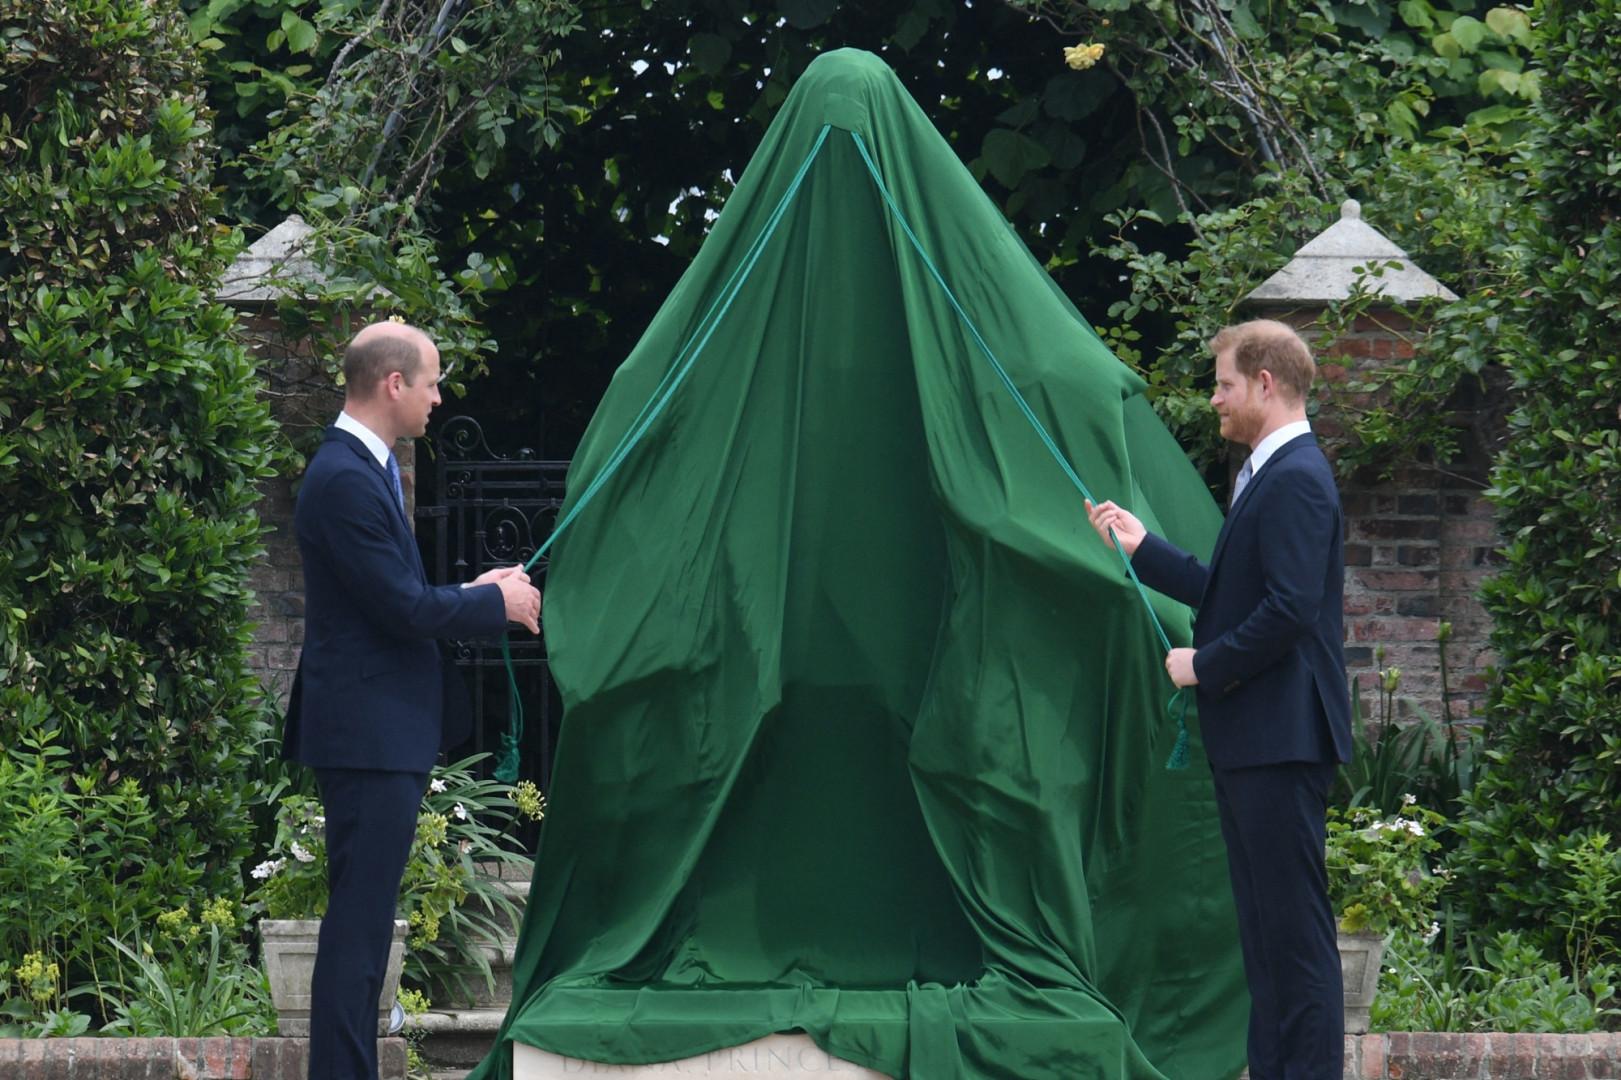 Harry et William inaugurant la statue de Diana dans le jardin de Kensington, le 1er juillet 2021